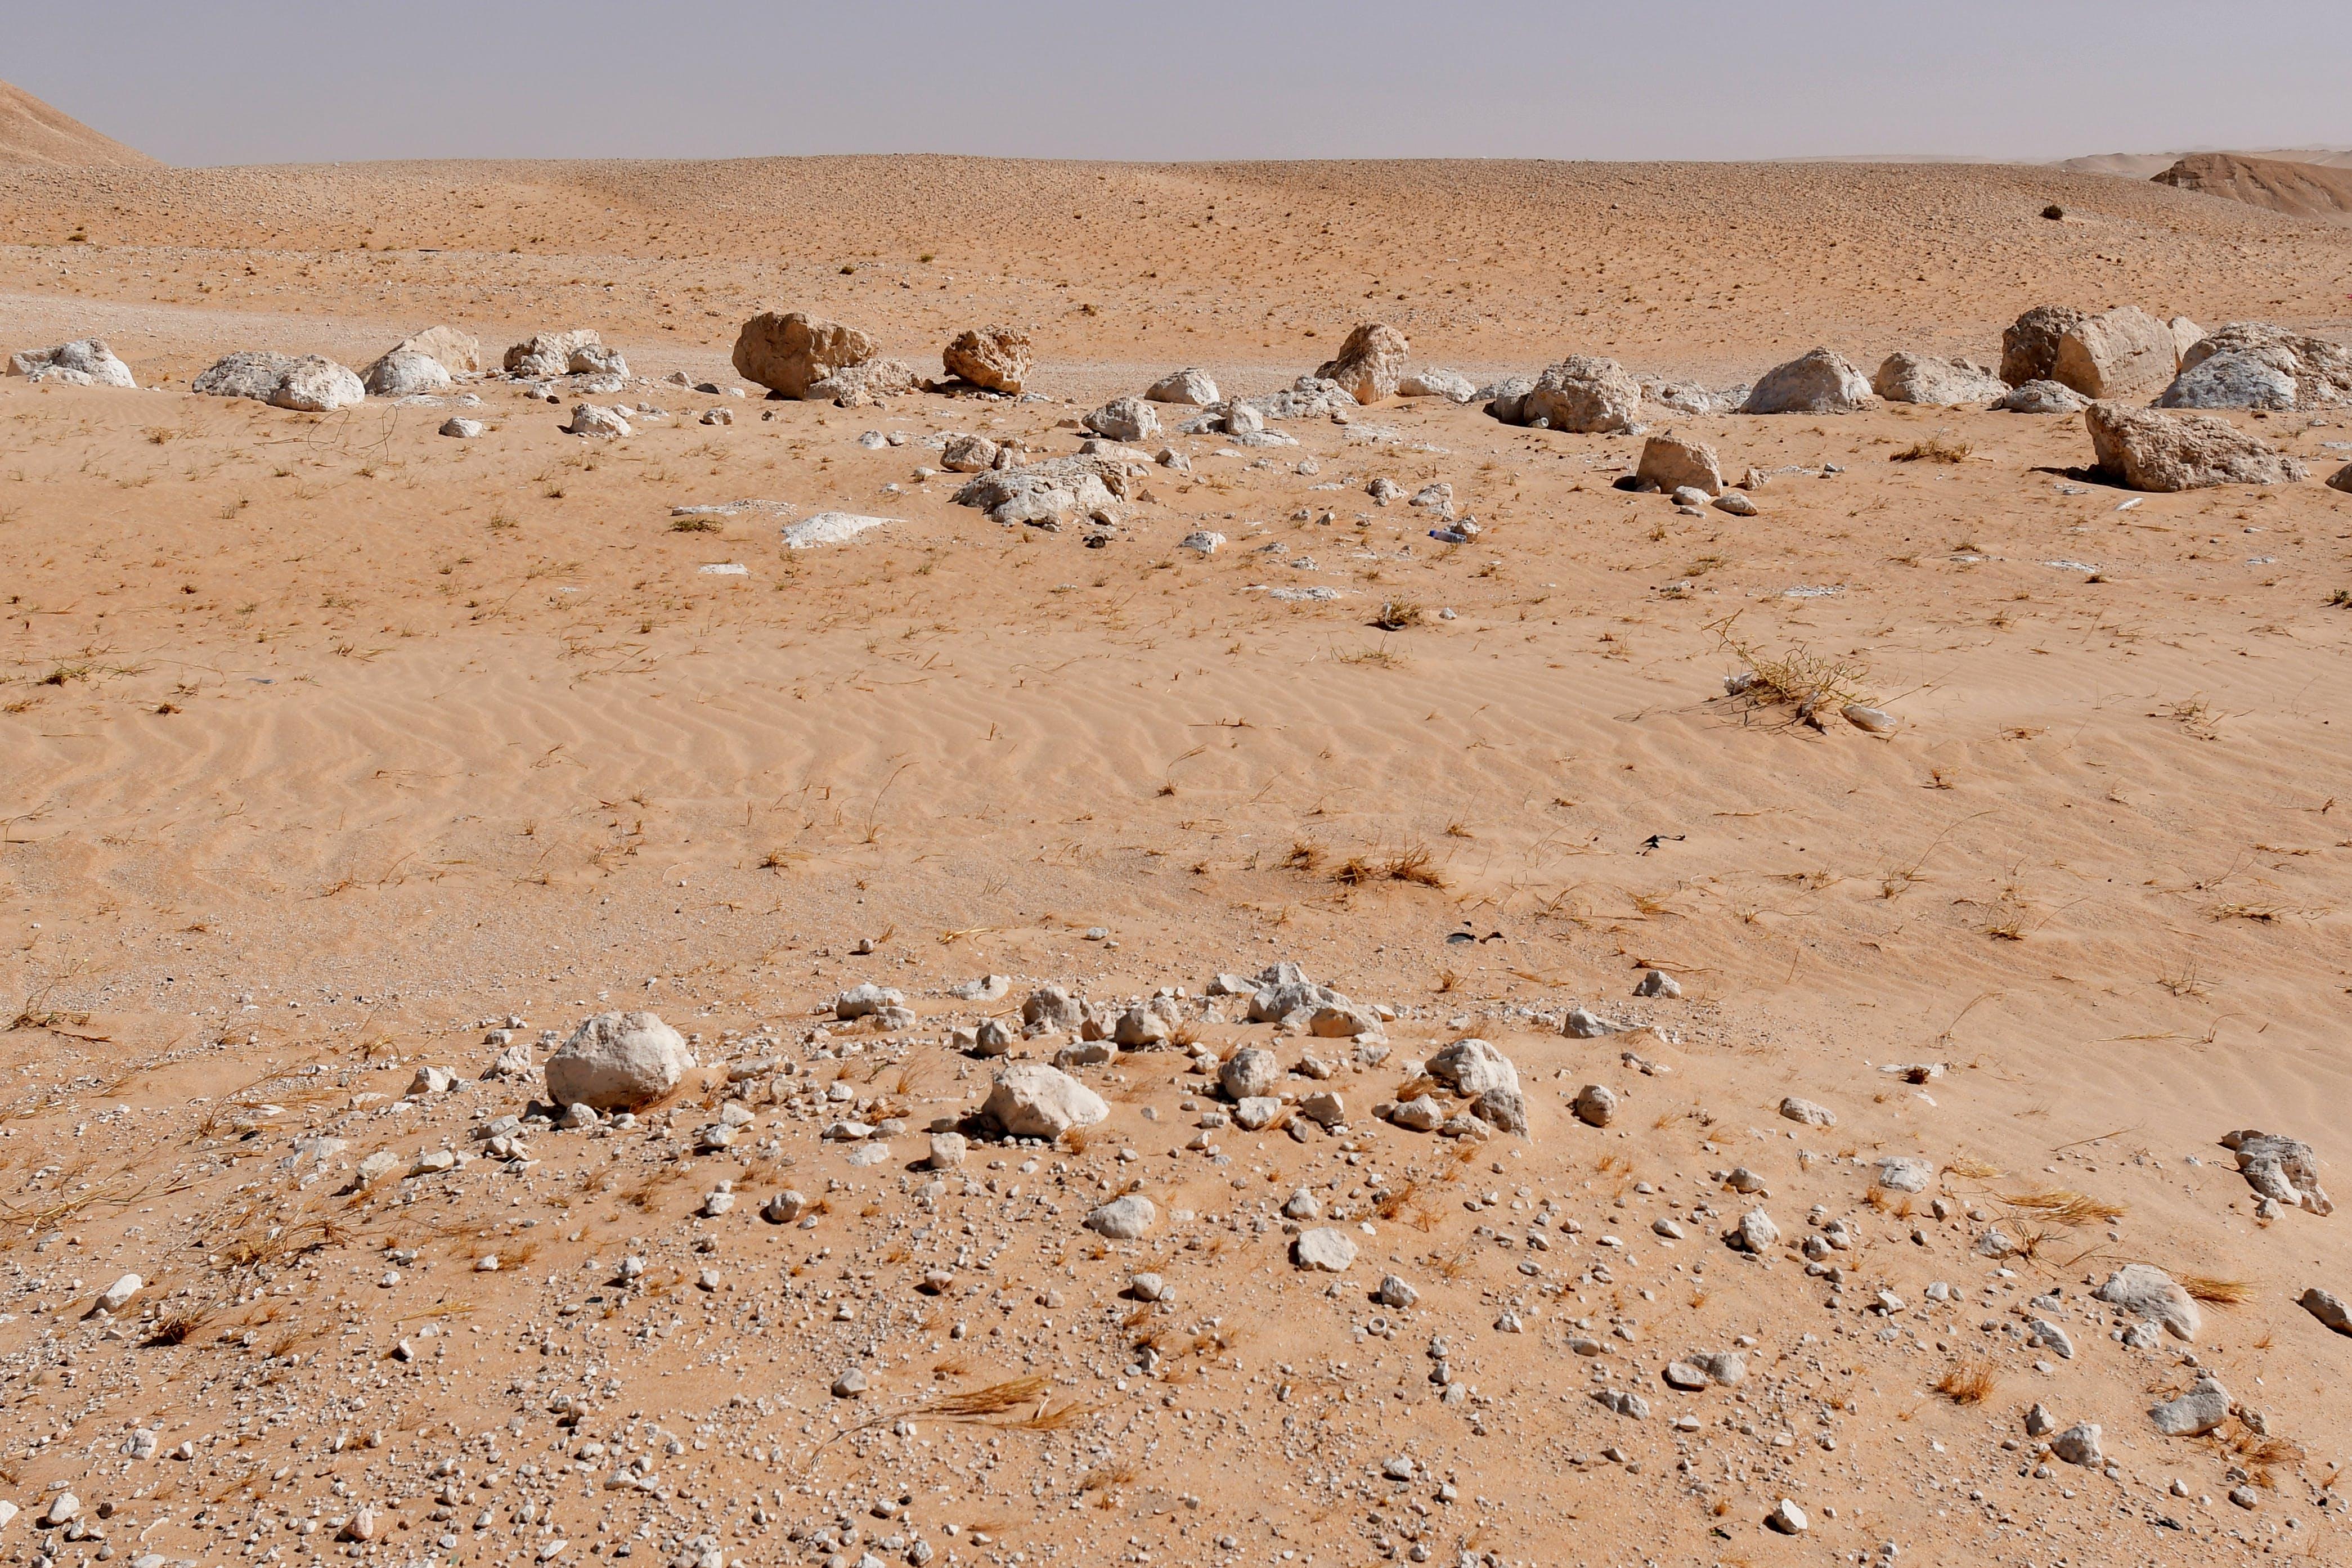 Gratis stockfoto met geen leven, geen mensen, leeg, rotsachtige woestijn